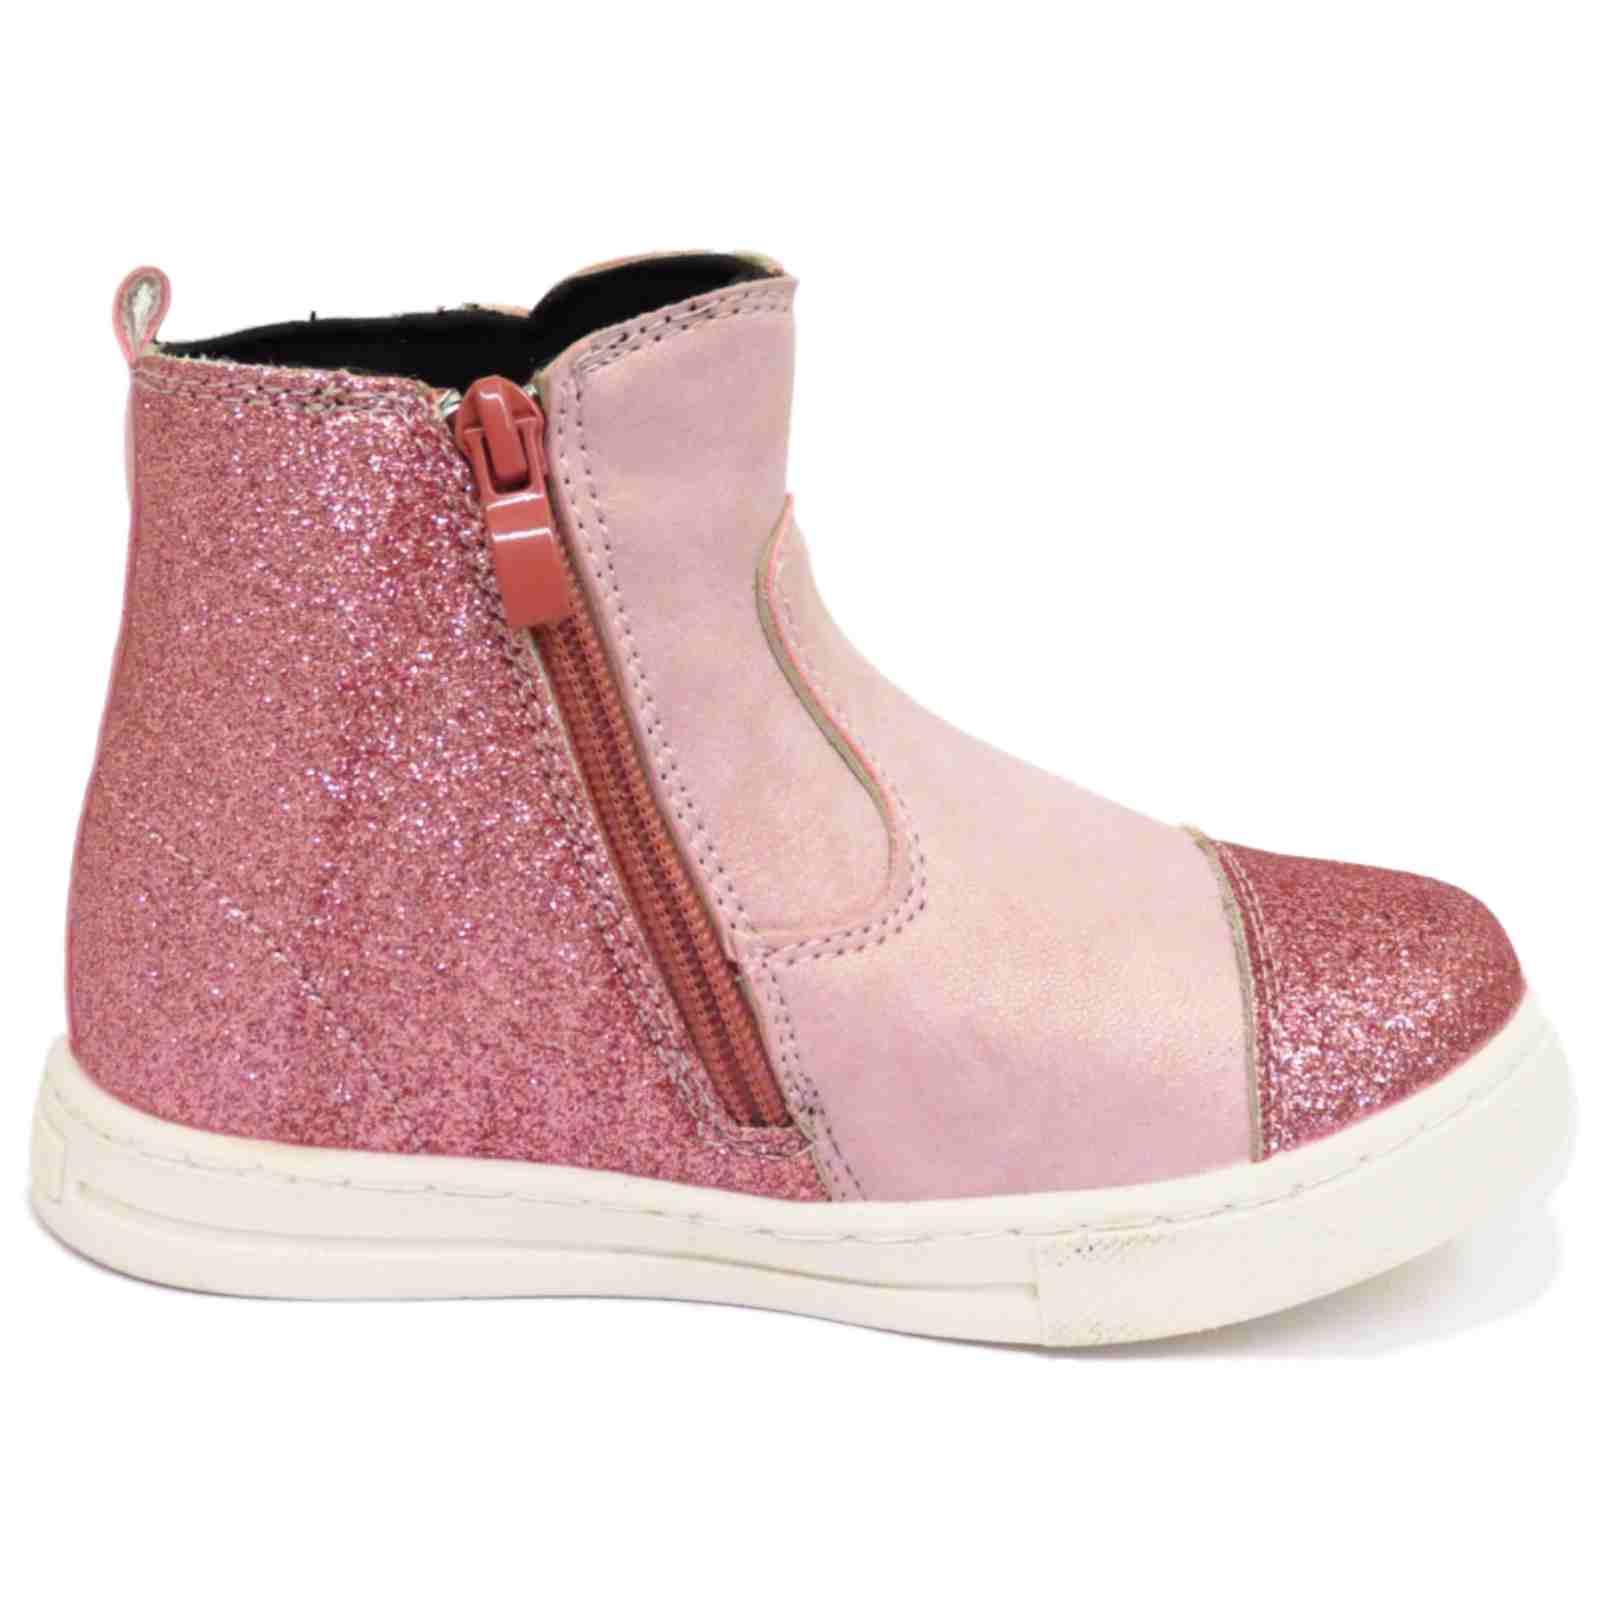 Filles-enfants-plat-rose-paillettes-zip-up-hiver-cheville-baskets-bottes-uk-8-12